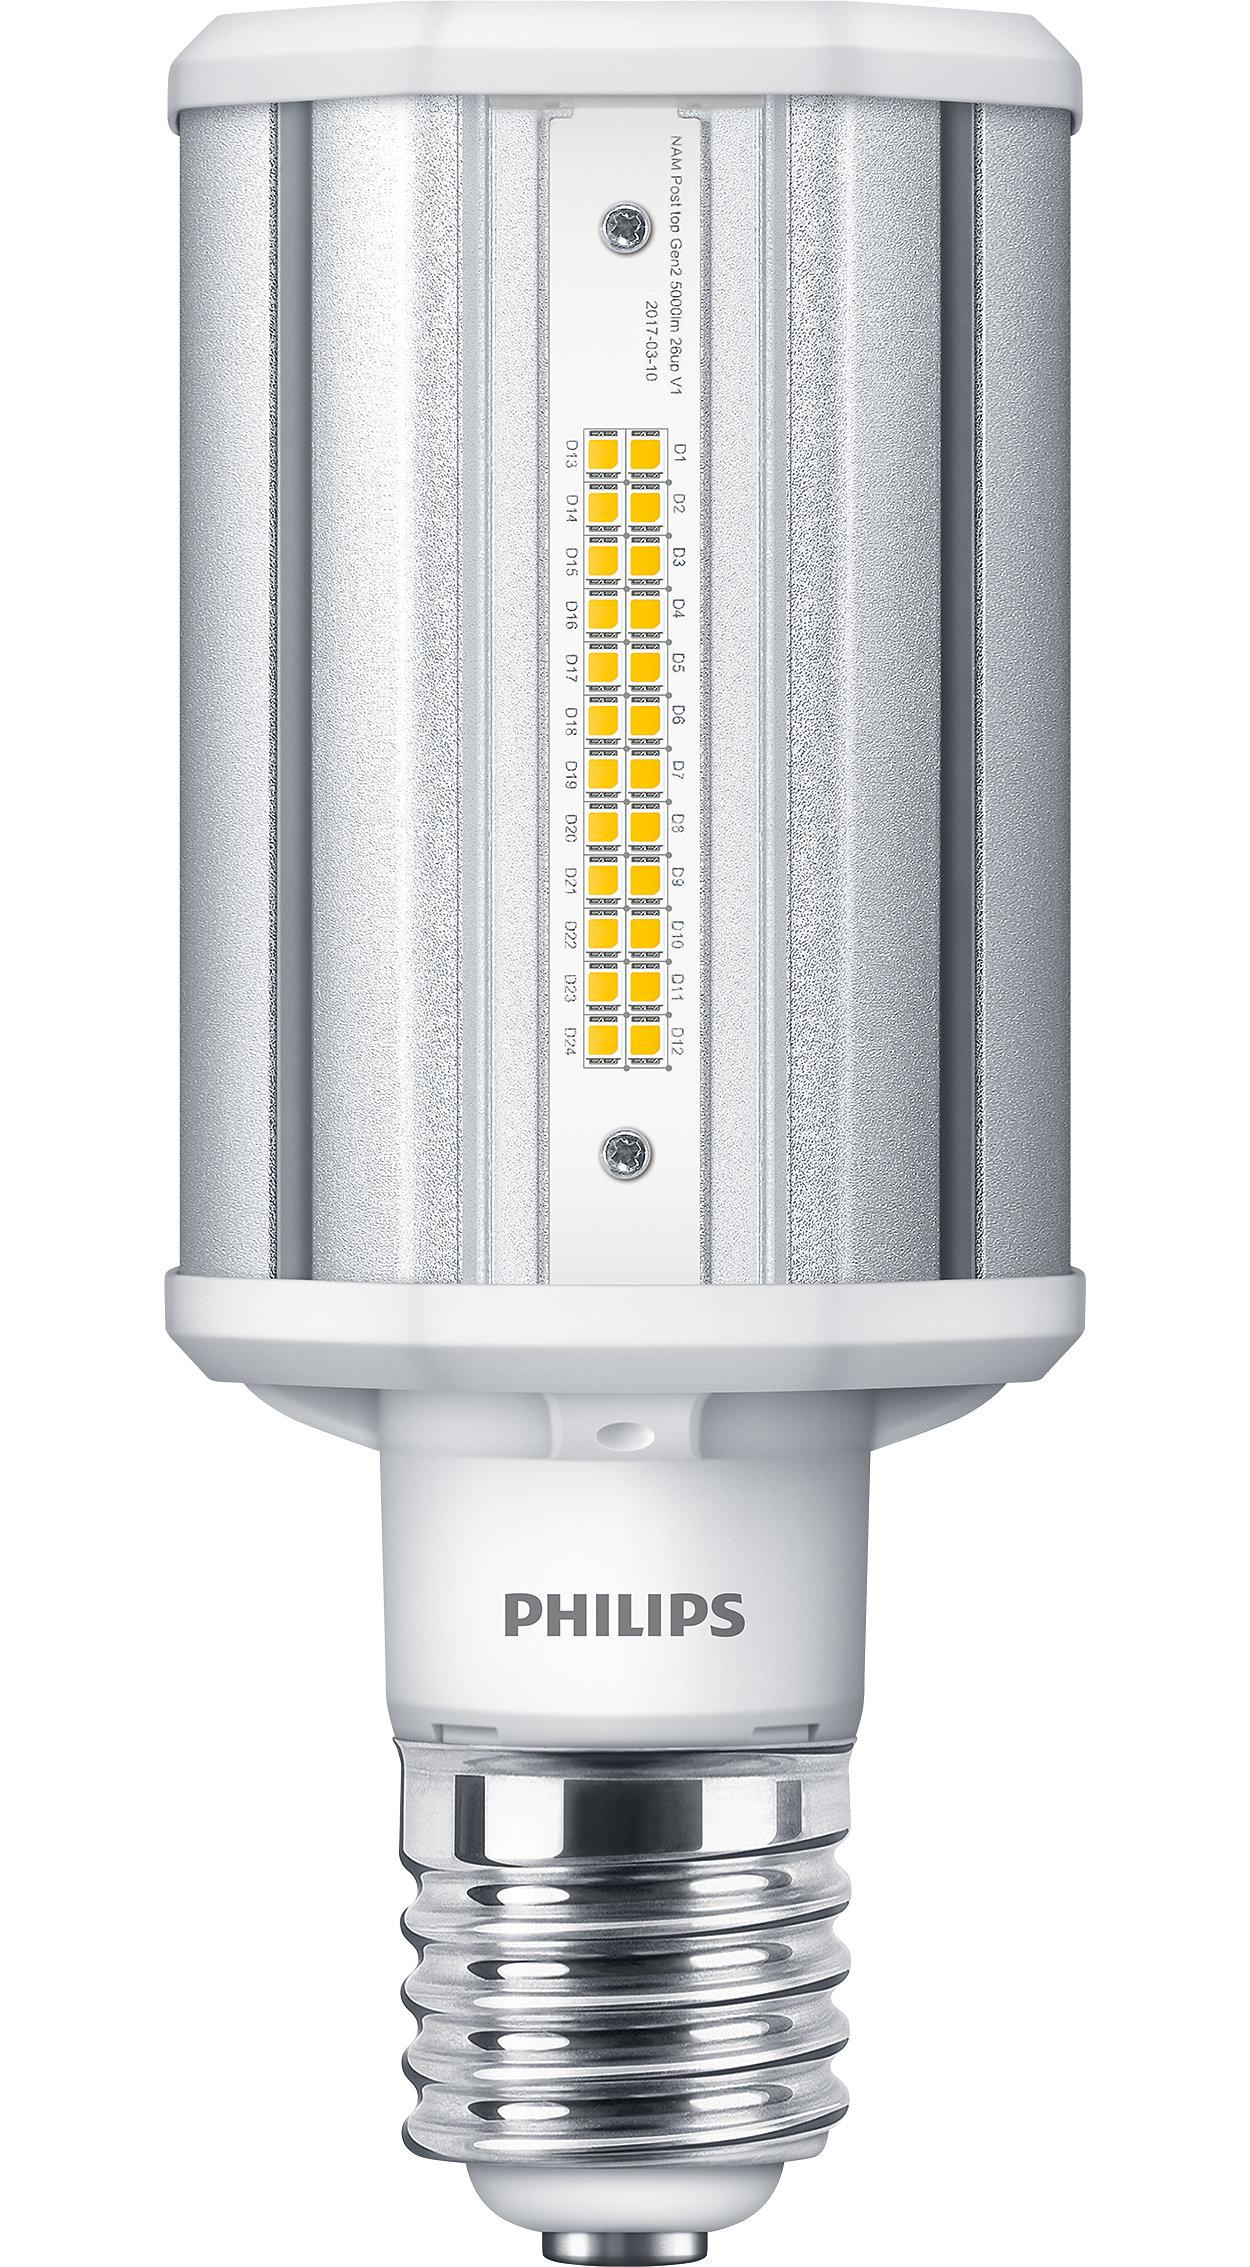 A melhor solução de LED para substituição de lâmpada de descarga de alta intensidade (HID) de postes de luz com baixo investimento inicial